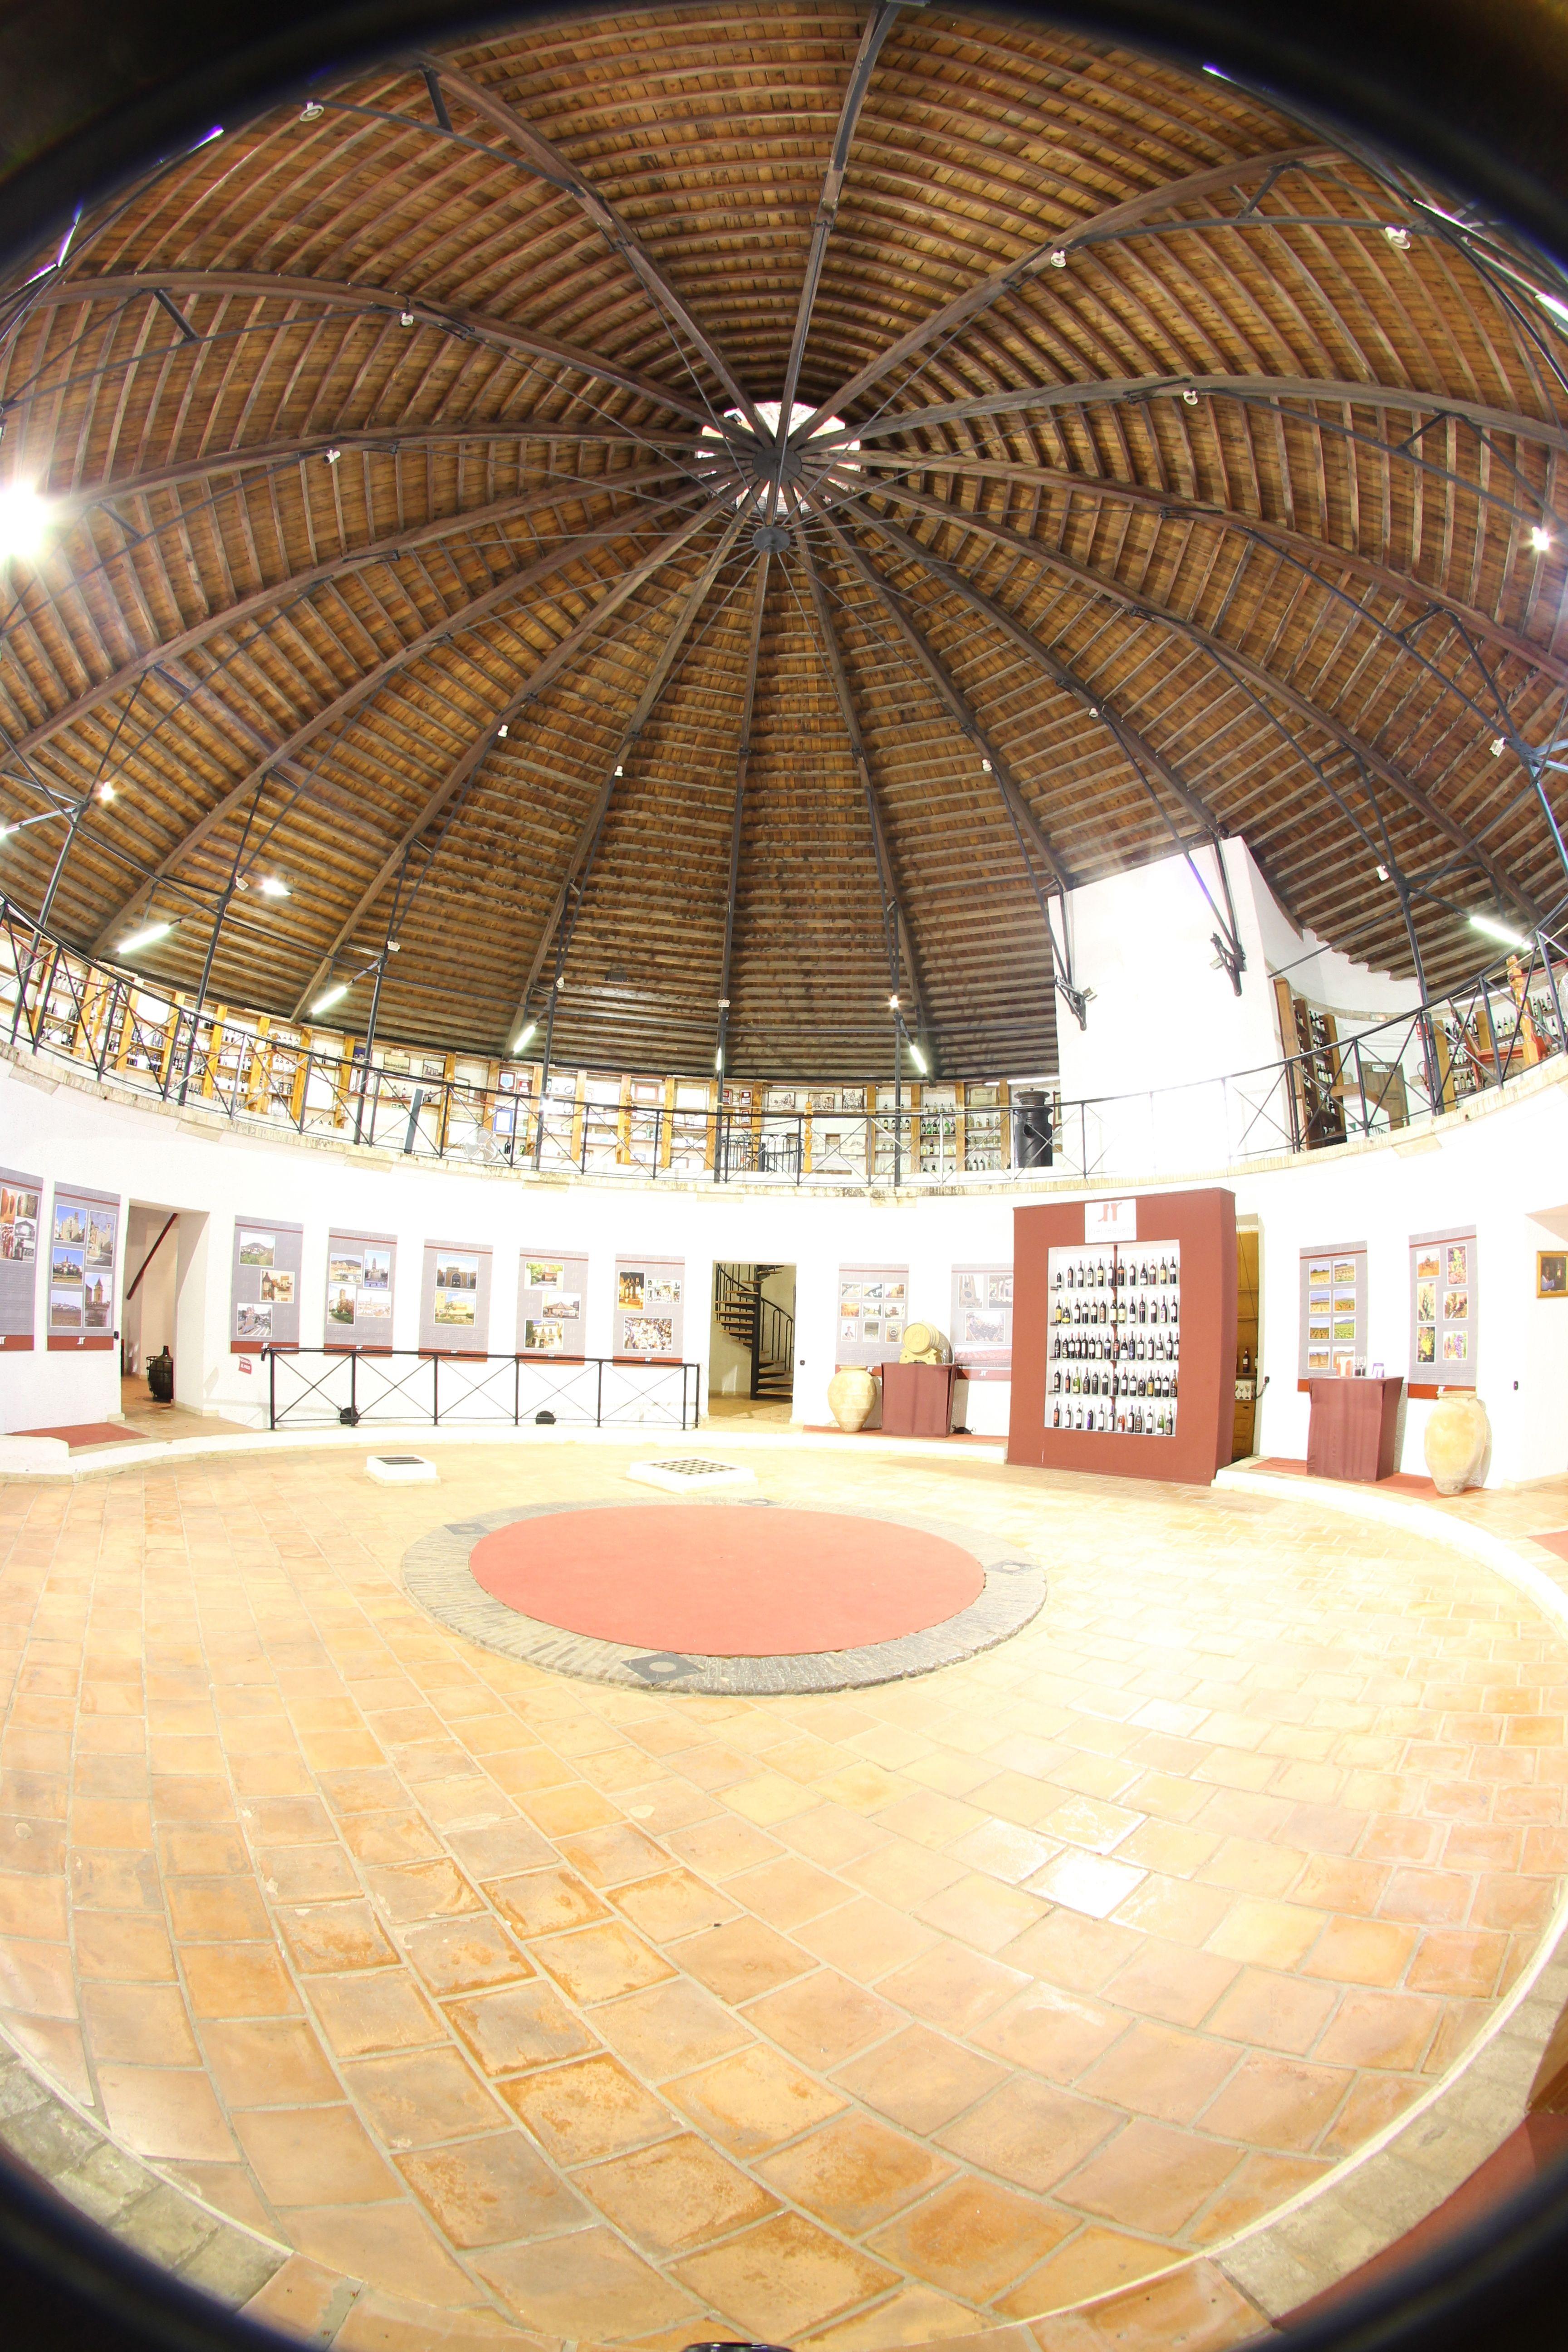 El Museo del Vino-Bodega Redonda en Utiel pone a disposición de los visitantes una cata con vinos de Utiel-Requena FUENTE: utielrequena.org